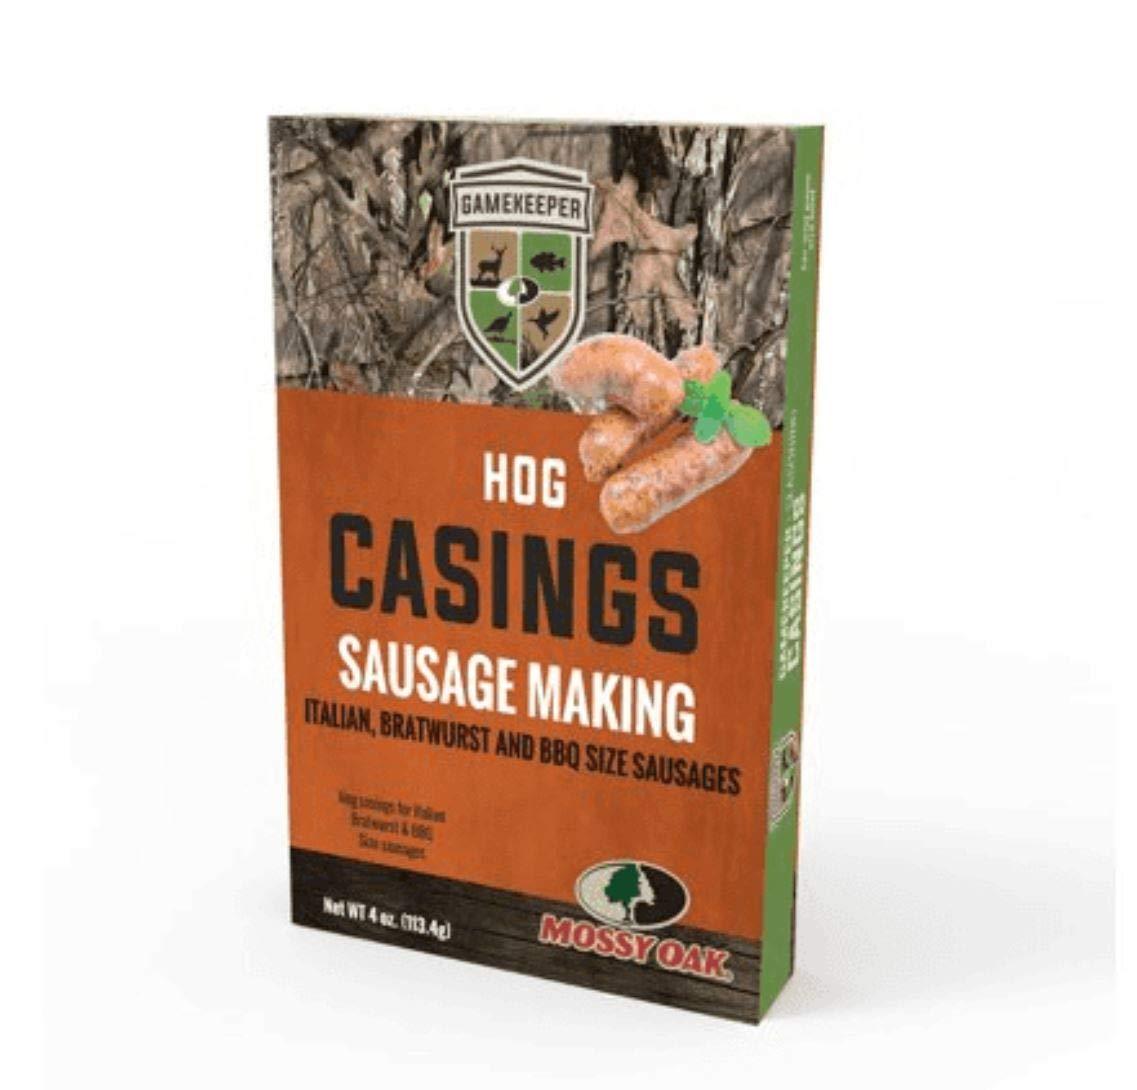 Gamekeeper Sausage Hog Casings Links 100% Natural